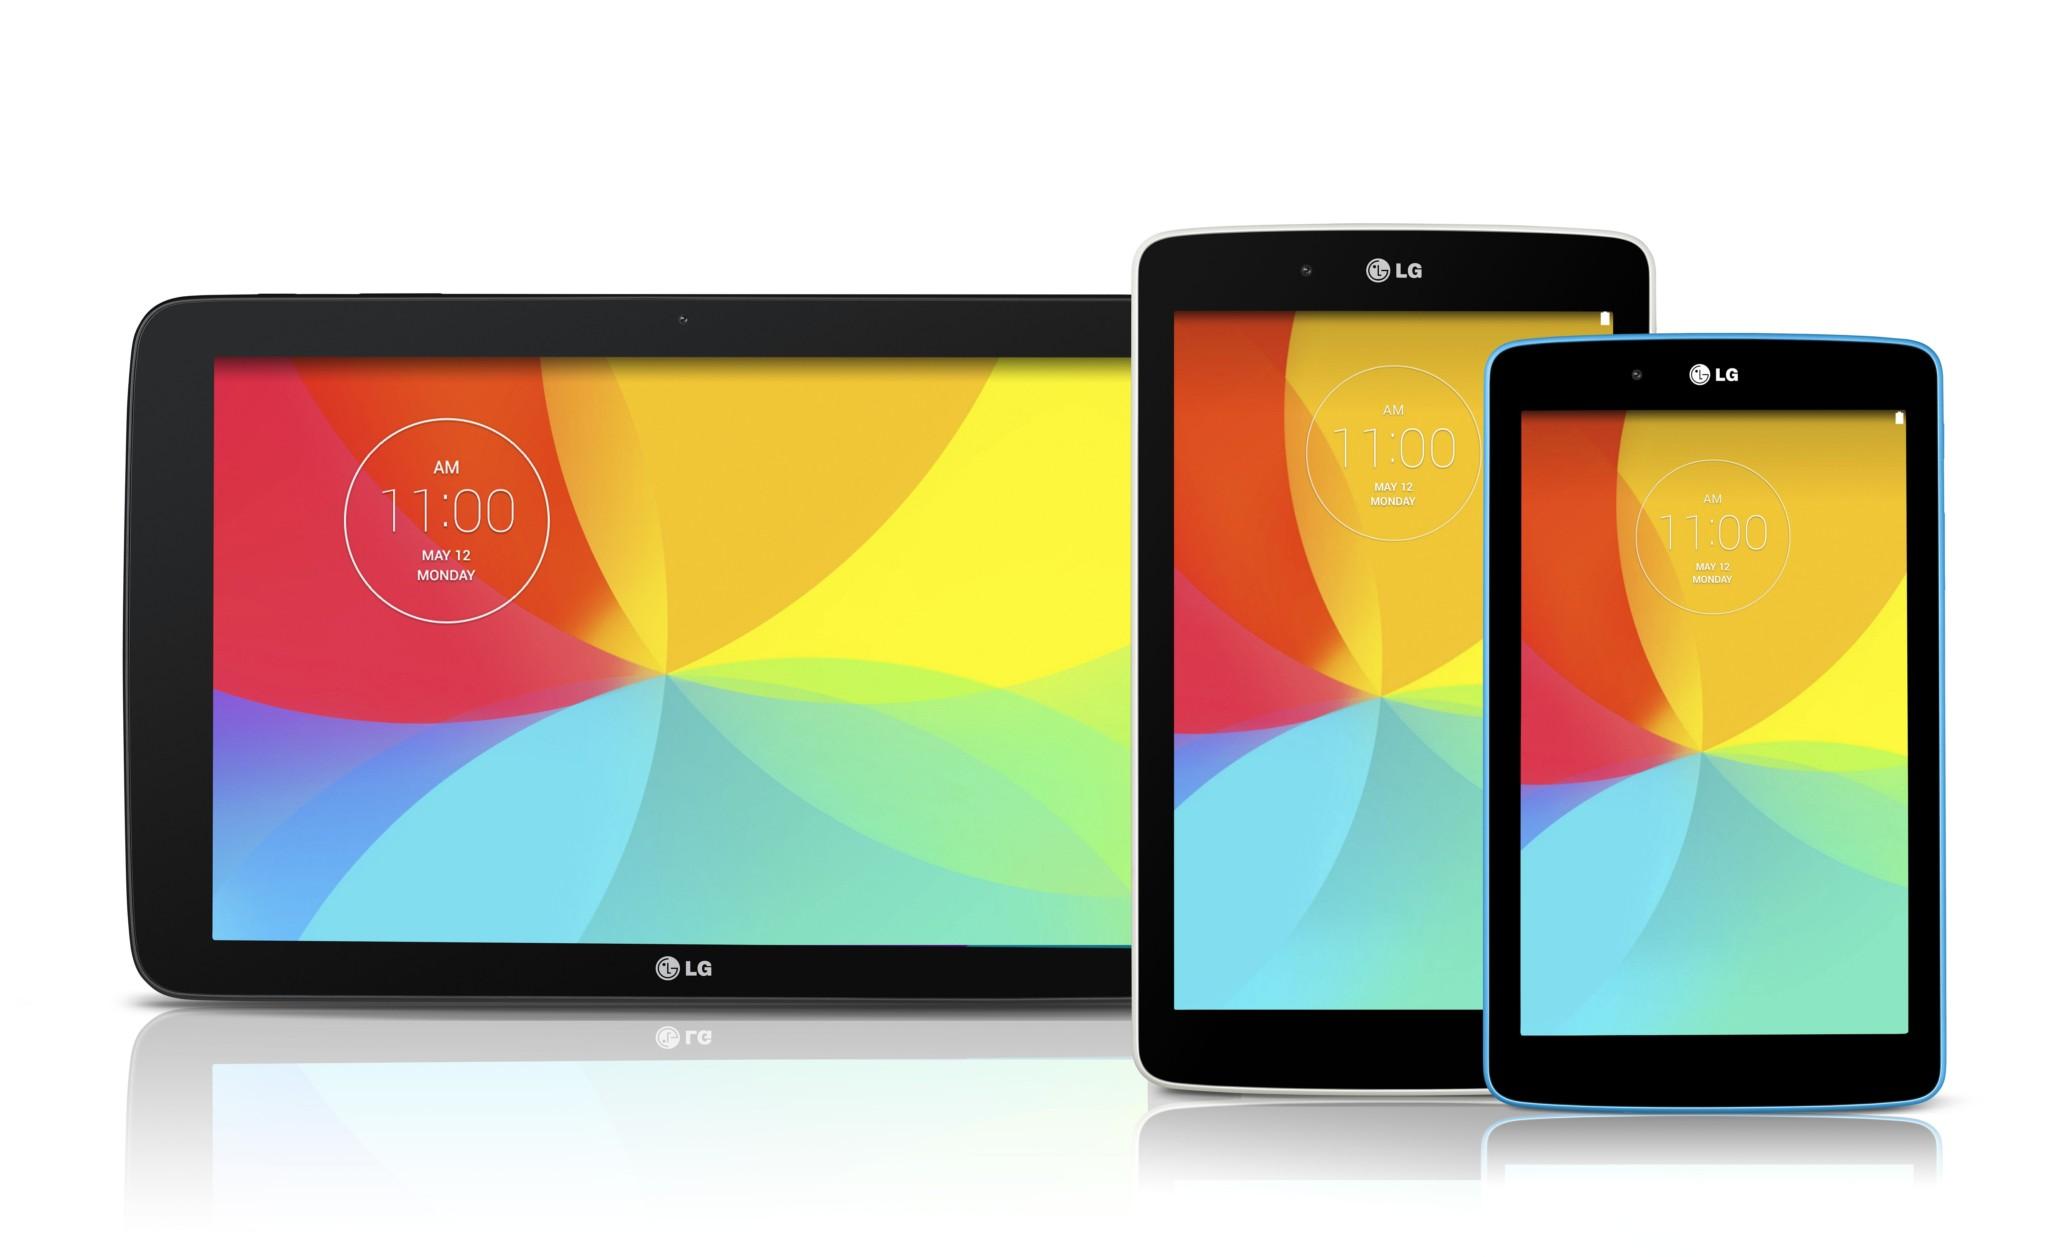 LG G Pad 7.0, 8.0 a 10.1 – zveřejněny specifikace [aktualizováno]